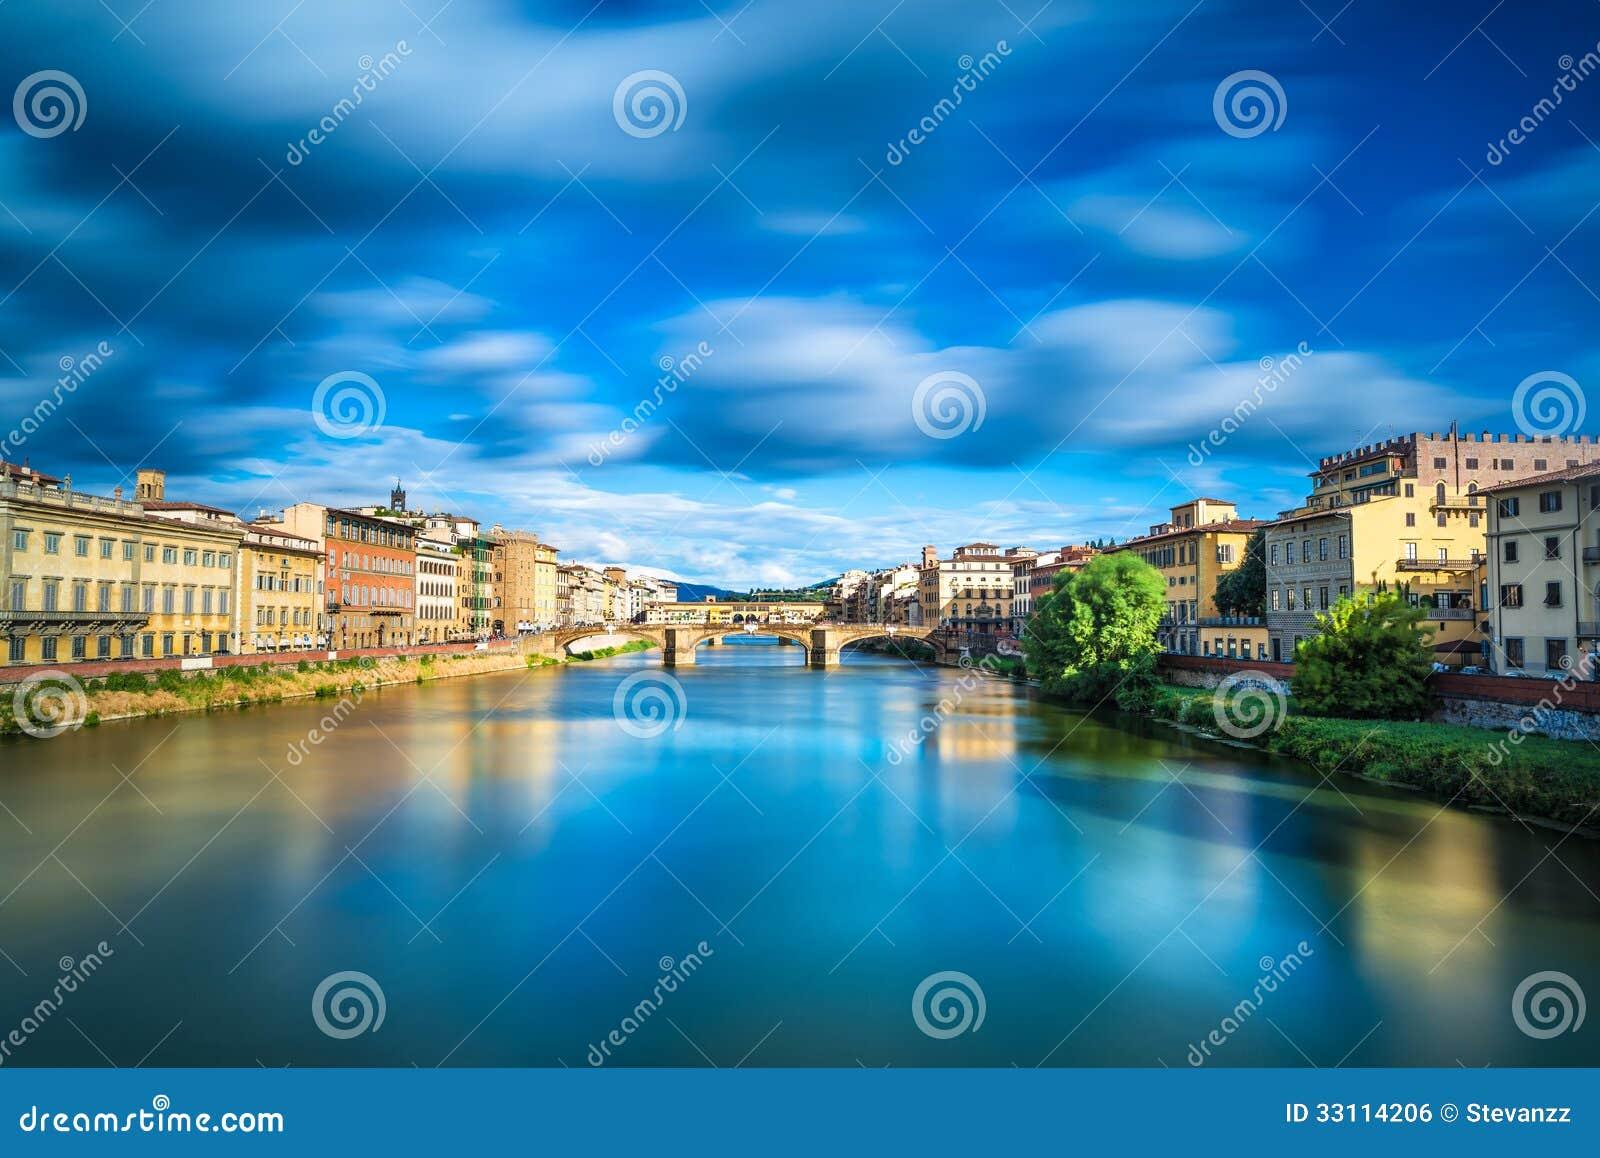 Santa Trinita y puente viejo en el río de Arno, paisaje de la puesta del sol. Florencia o Firenze, Italia.